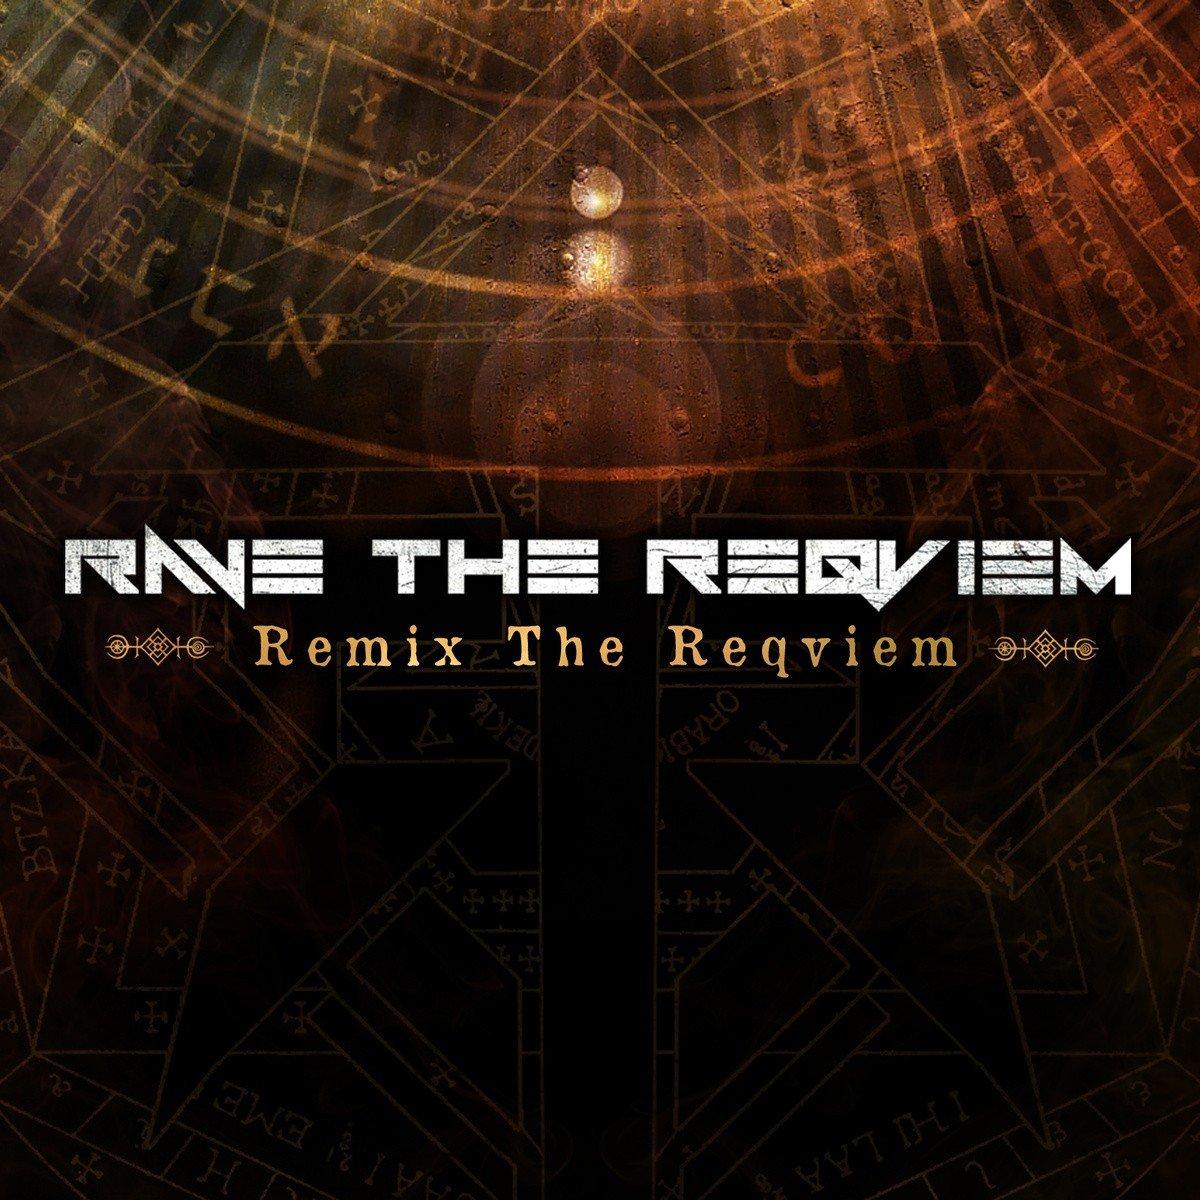 Rave The Reqviem – Remix The Reqviem